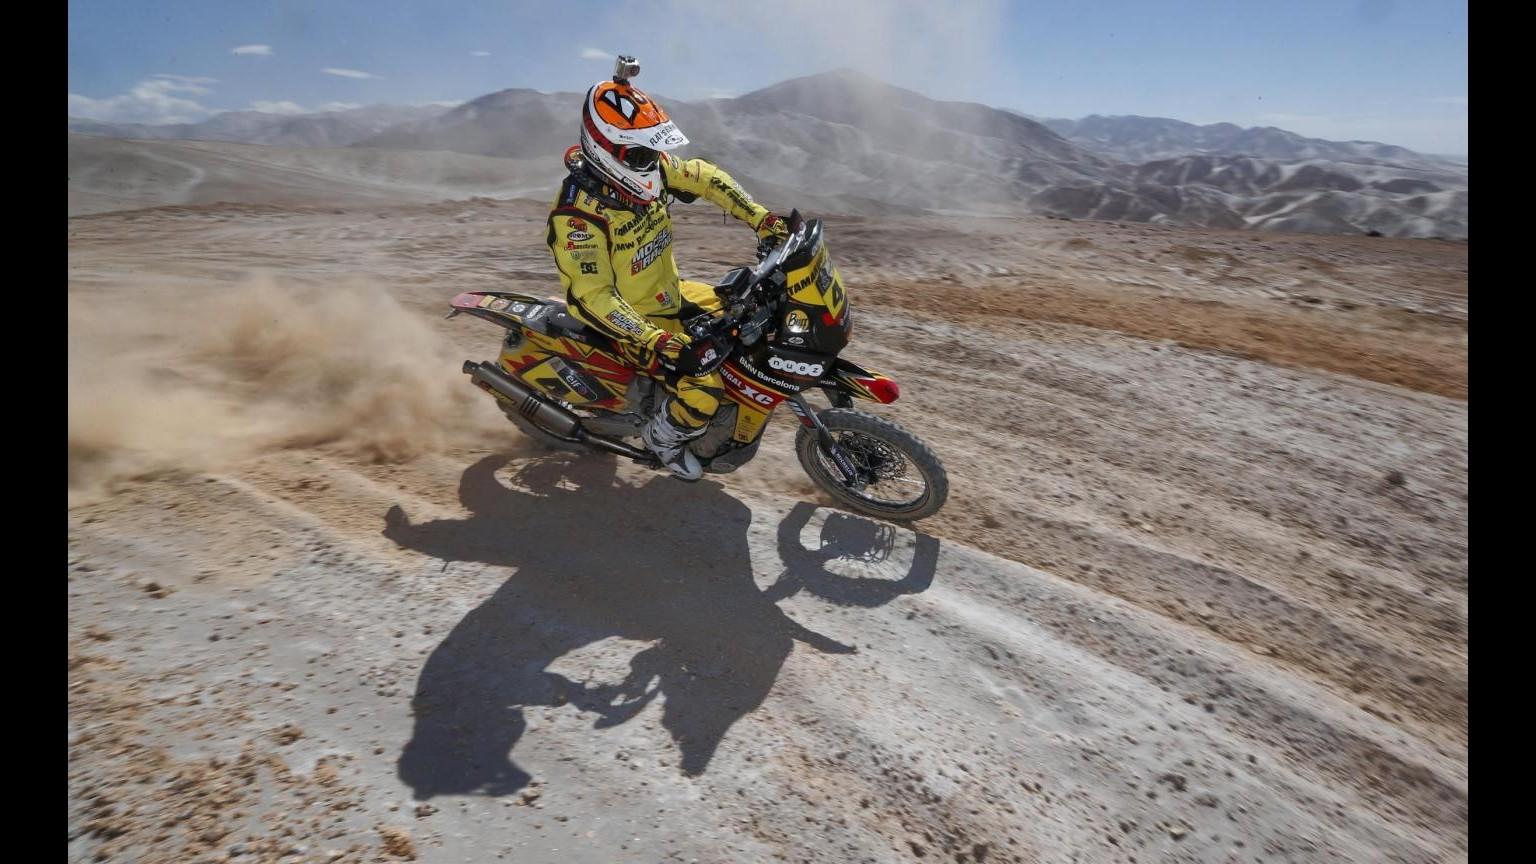 Tragedia alla Dakar, muore motociclista francese Bourgin